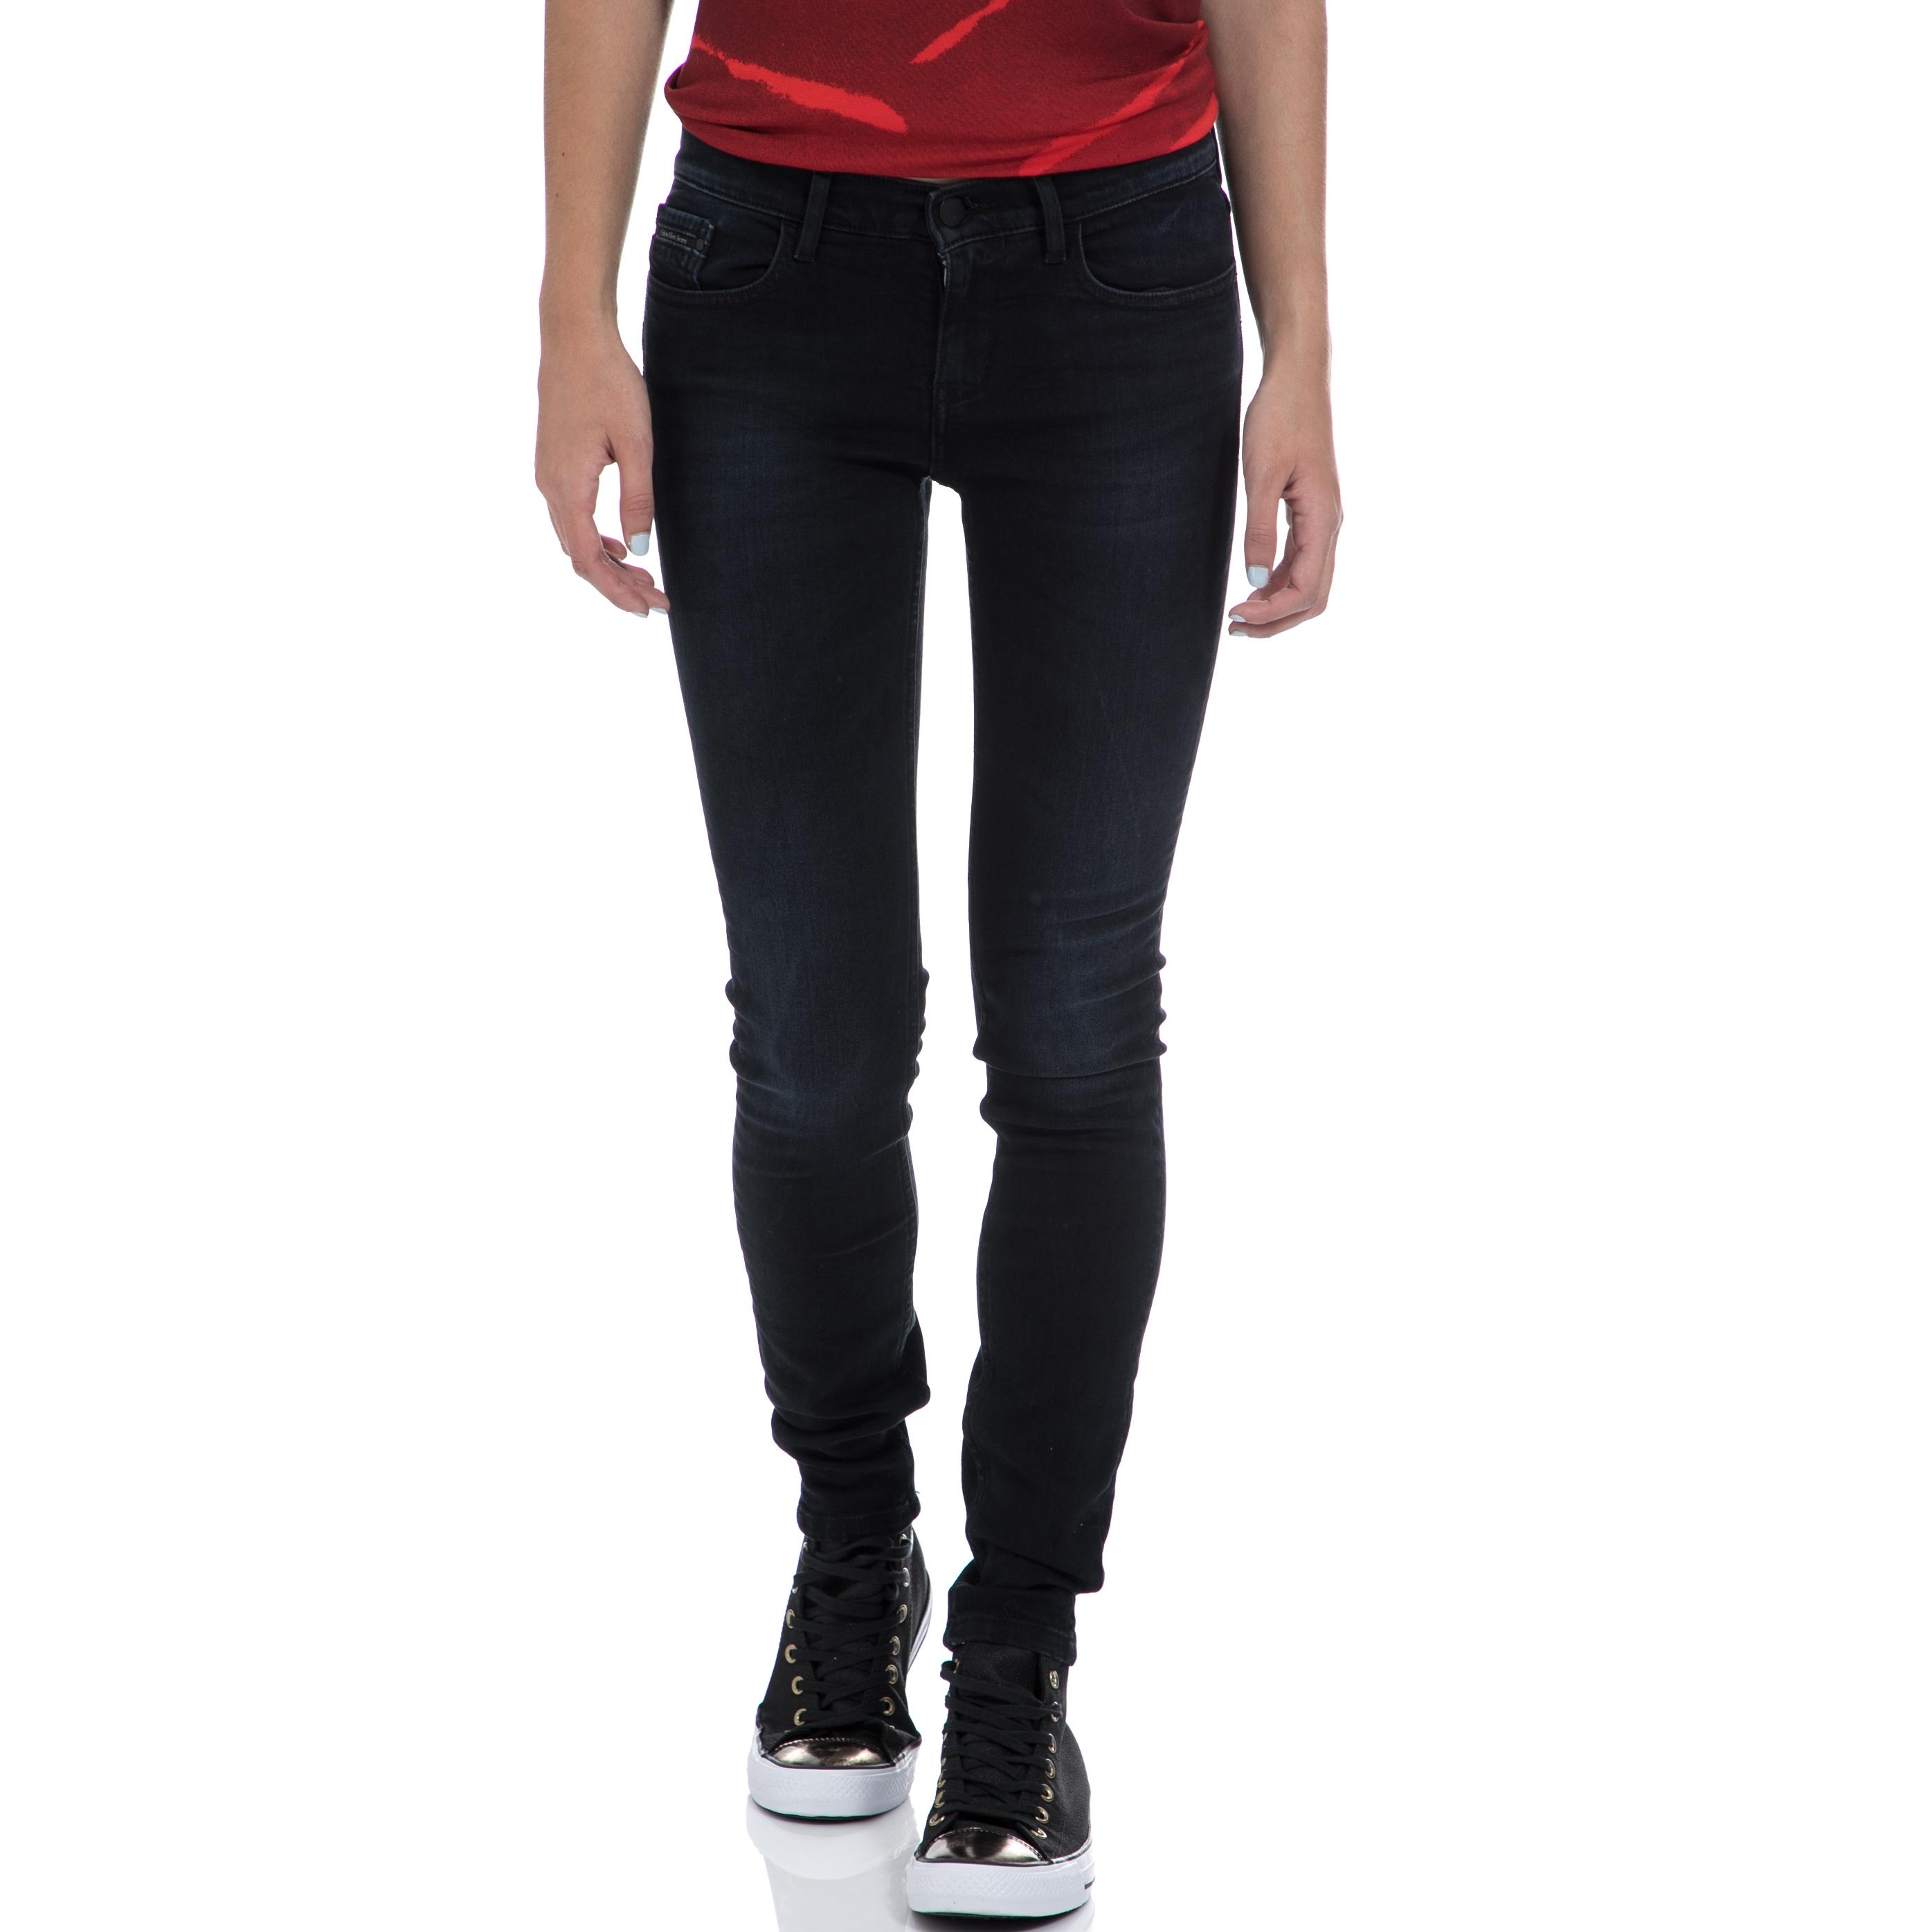 CALVIN KLEIN JEANS – Γυναικείο τζιν παντελόνι CALVIN KLEIN JEANS μπλε